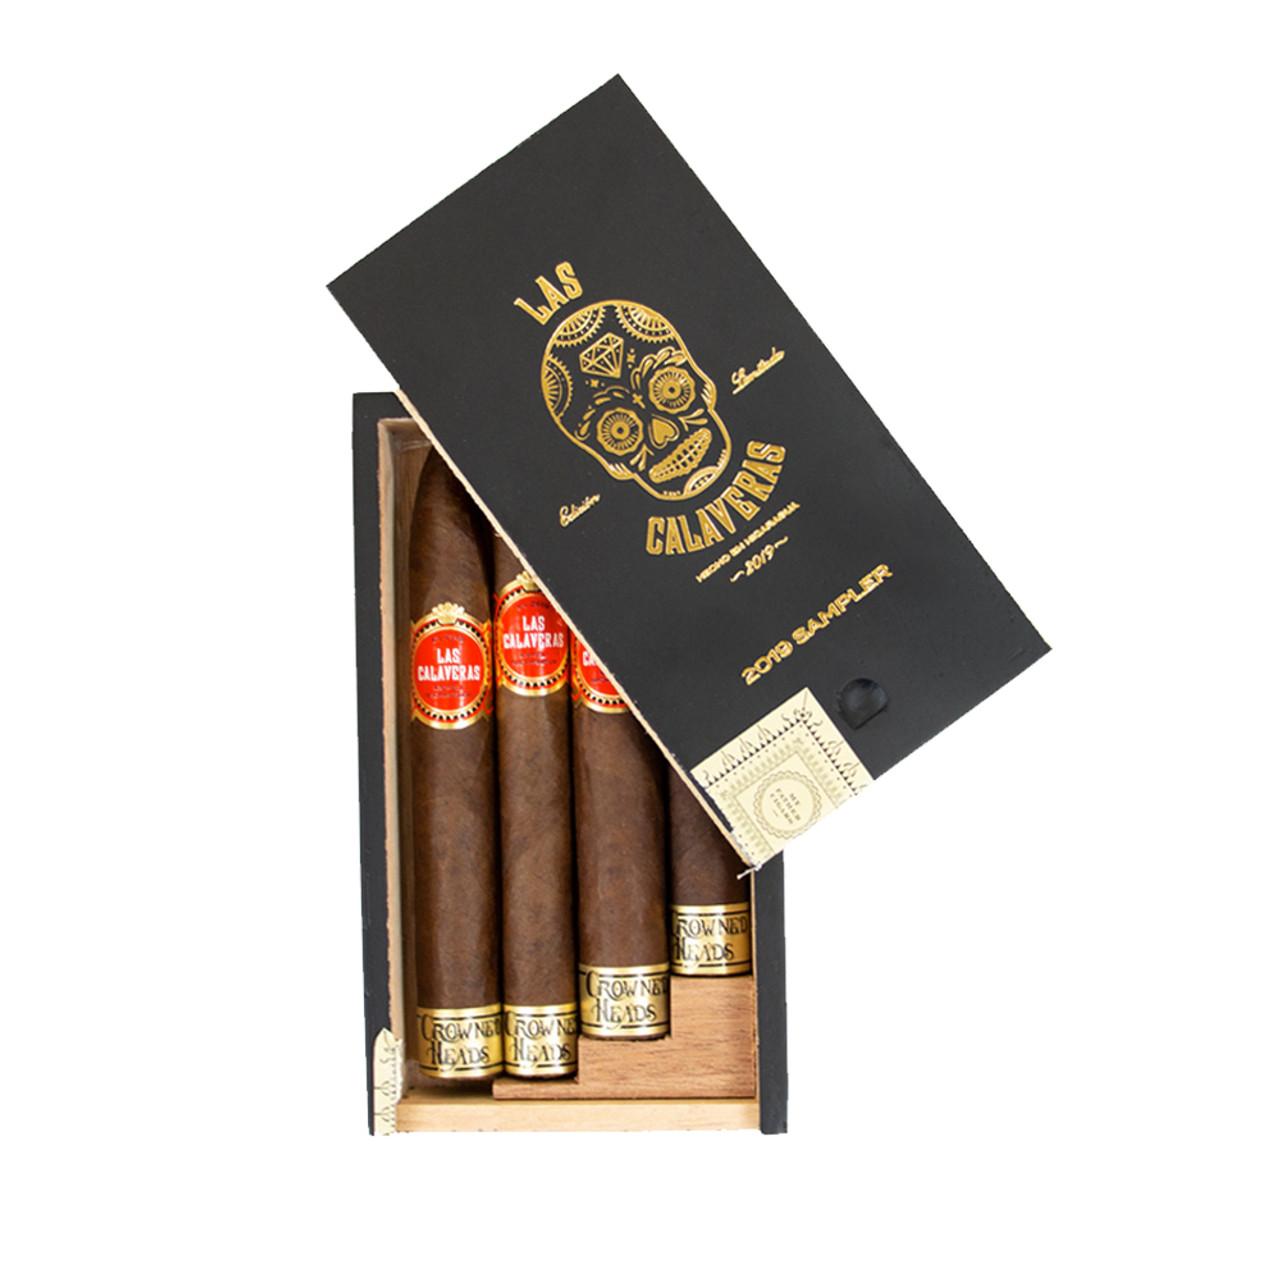 Las Calaveras Edicion Limitada 2019 Sampler Cigars - Box of 4